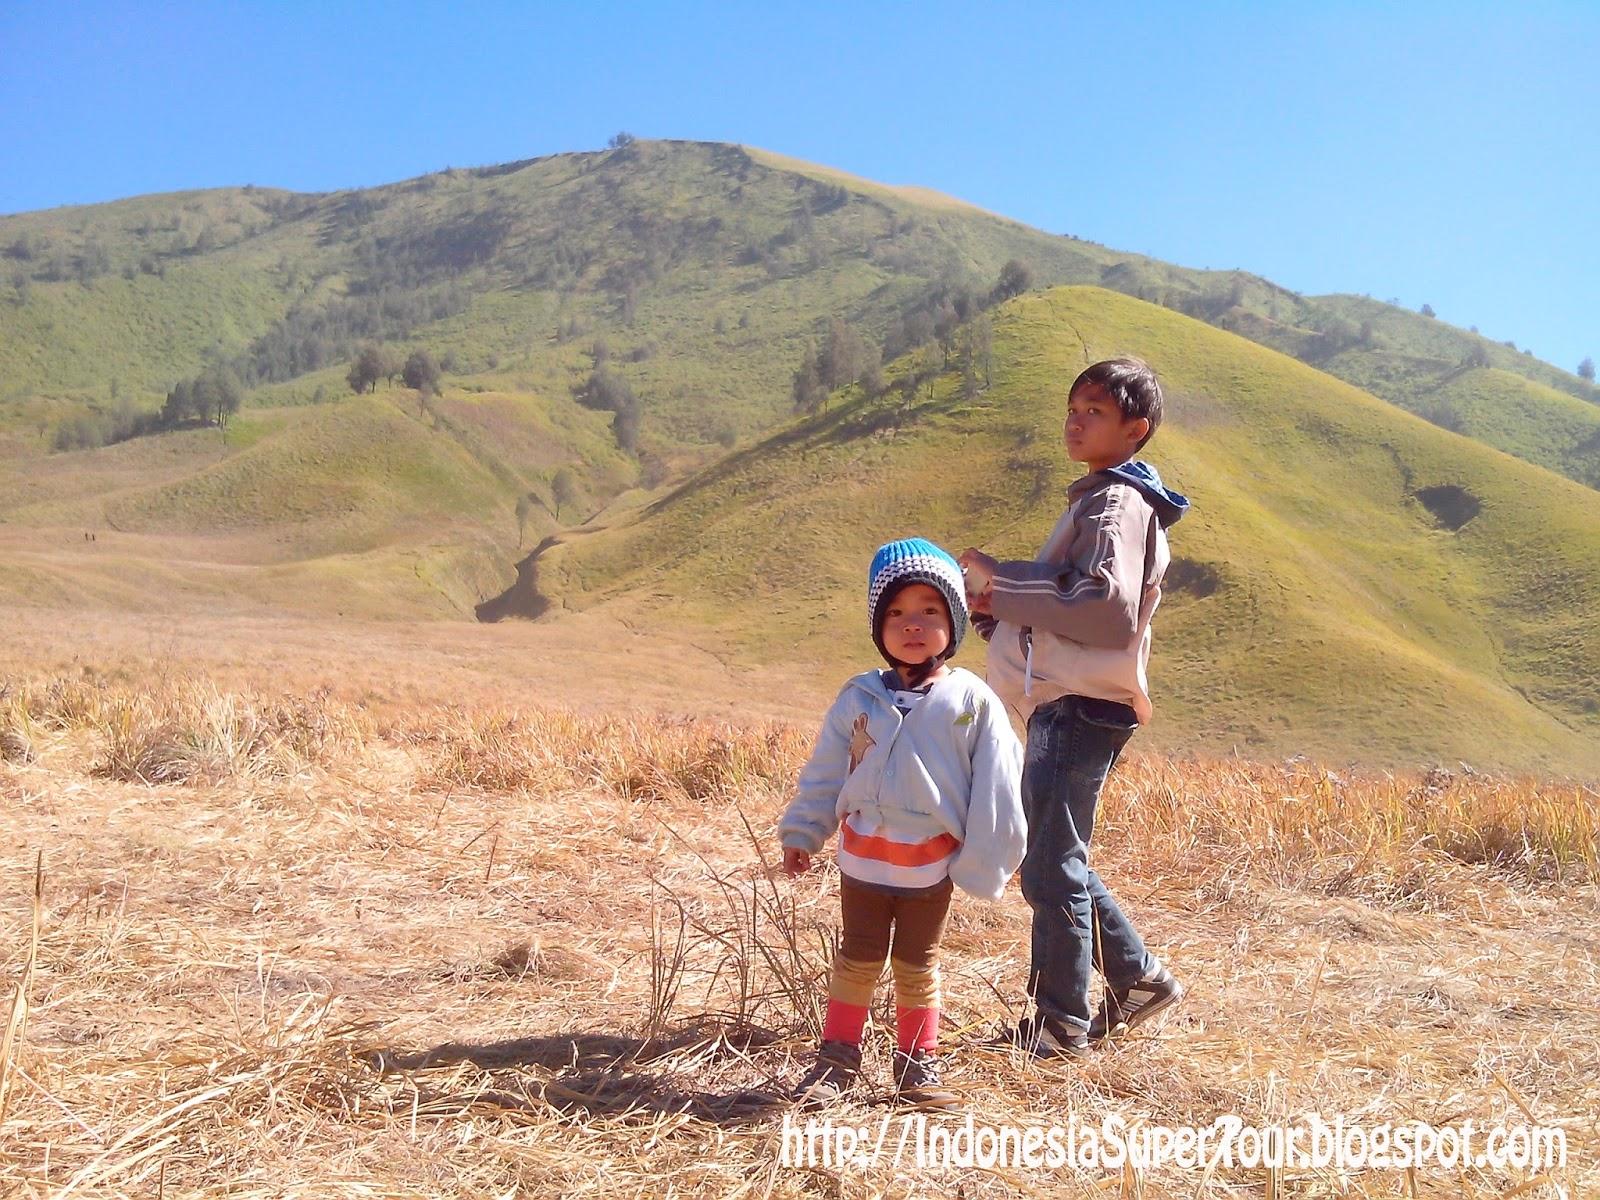 Si Kecil Java Pun Tak Menyia Nyiakan Untuk Berlarian Di Padang Savana